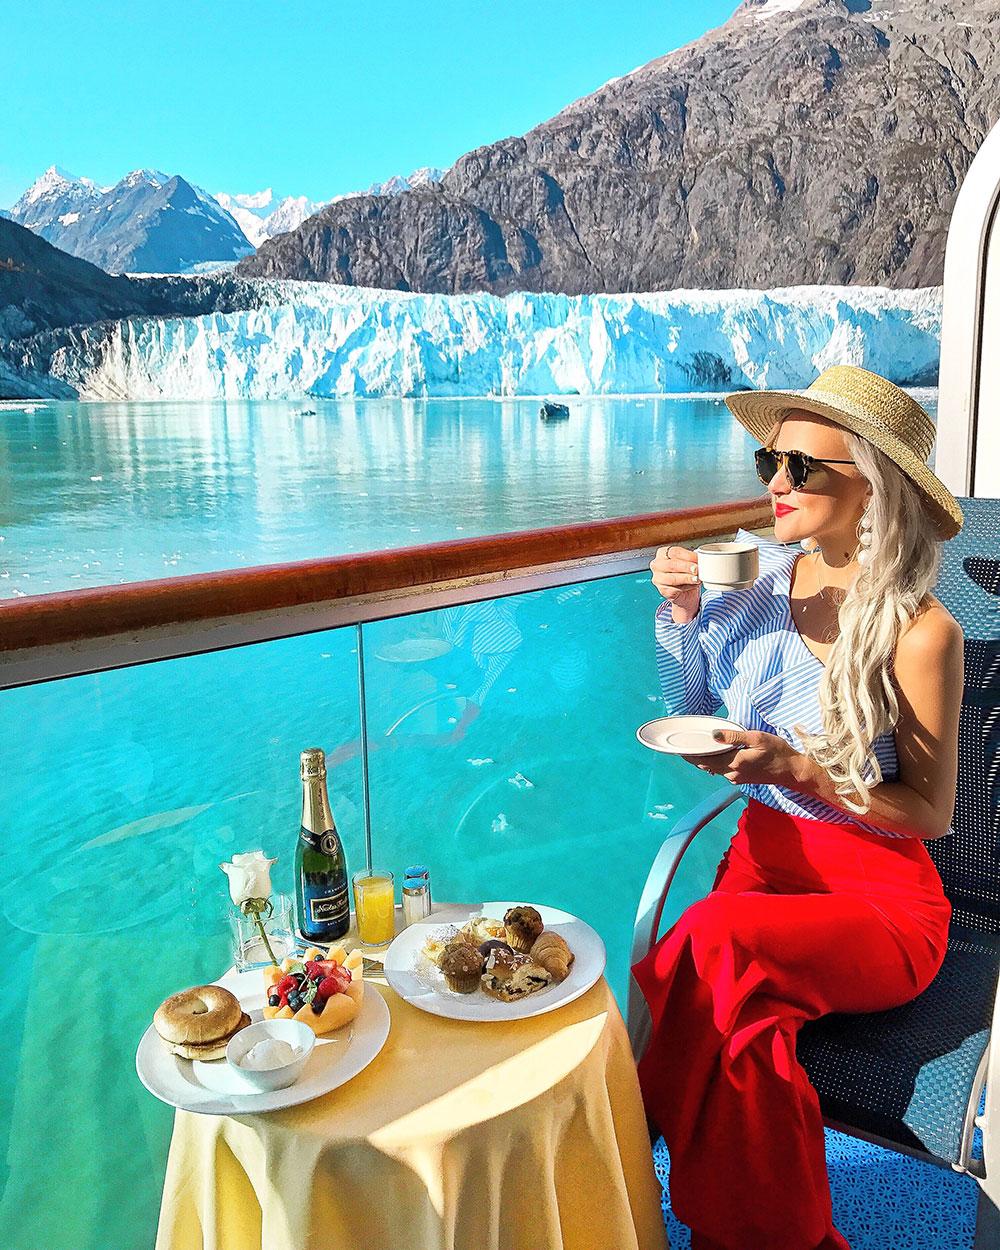 10 Reasons You Should Plan An Alaskan Cruise